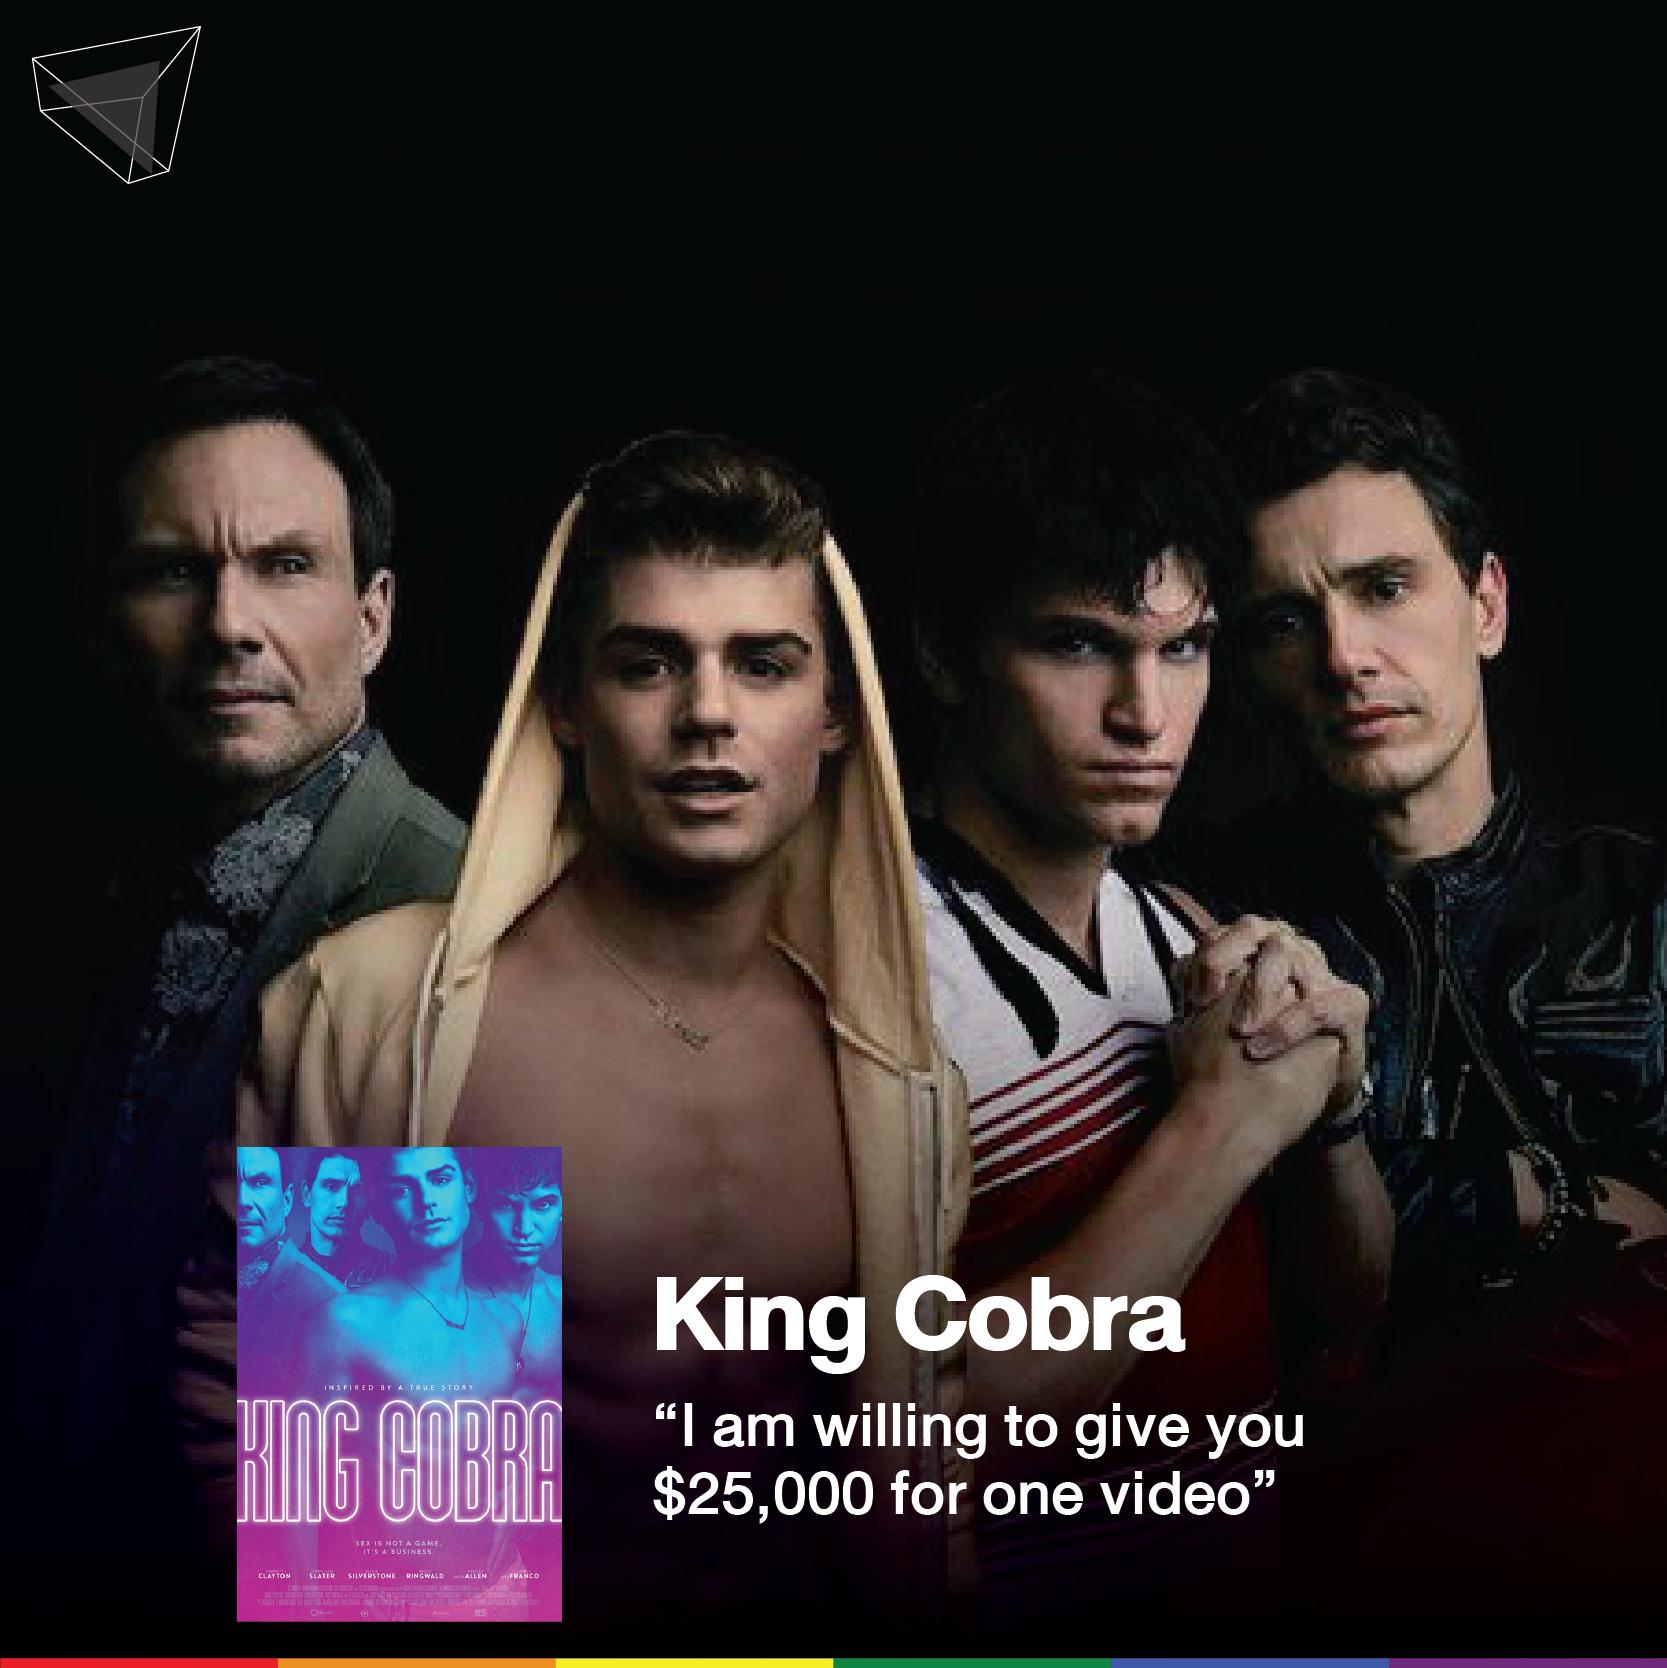 King Cobra (2016) หนังเกย์เล่าถึงเซ็กซ์ในชีวิตจริง ที่ไม่เป็นดั่งในหนัง